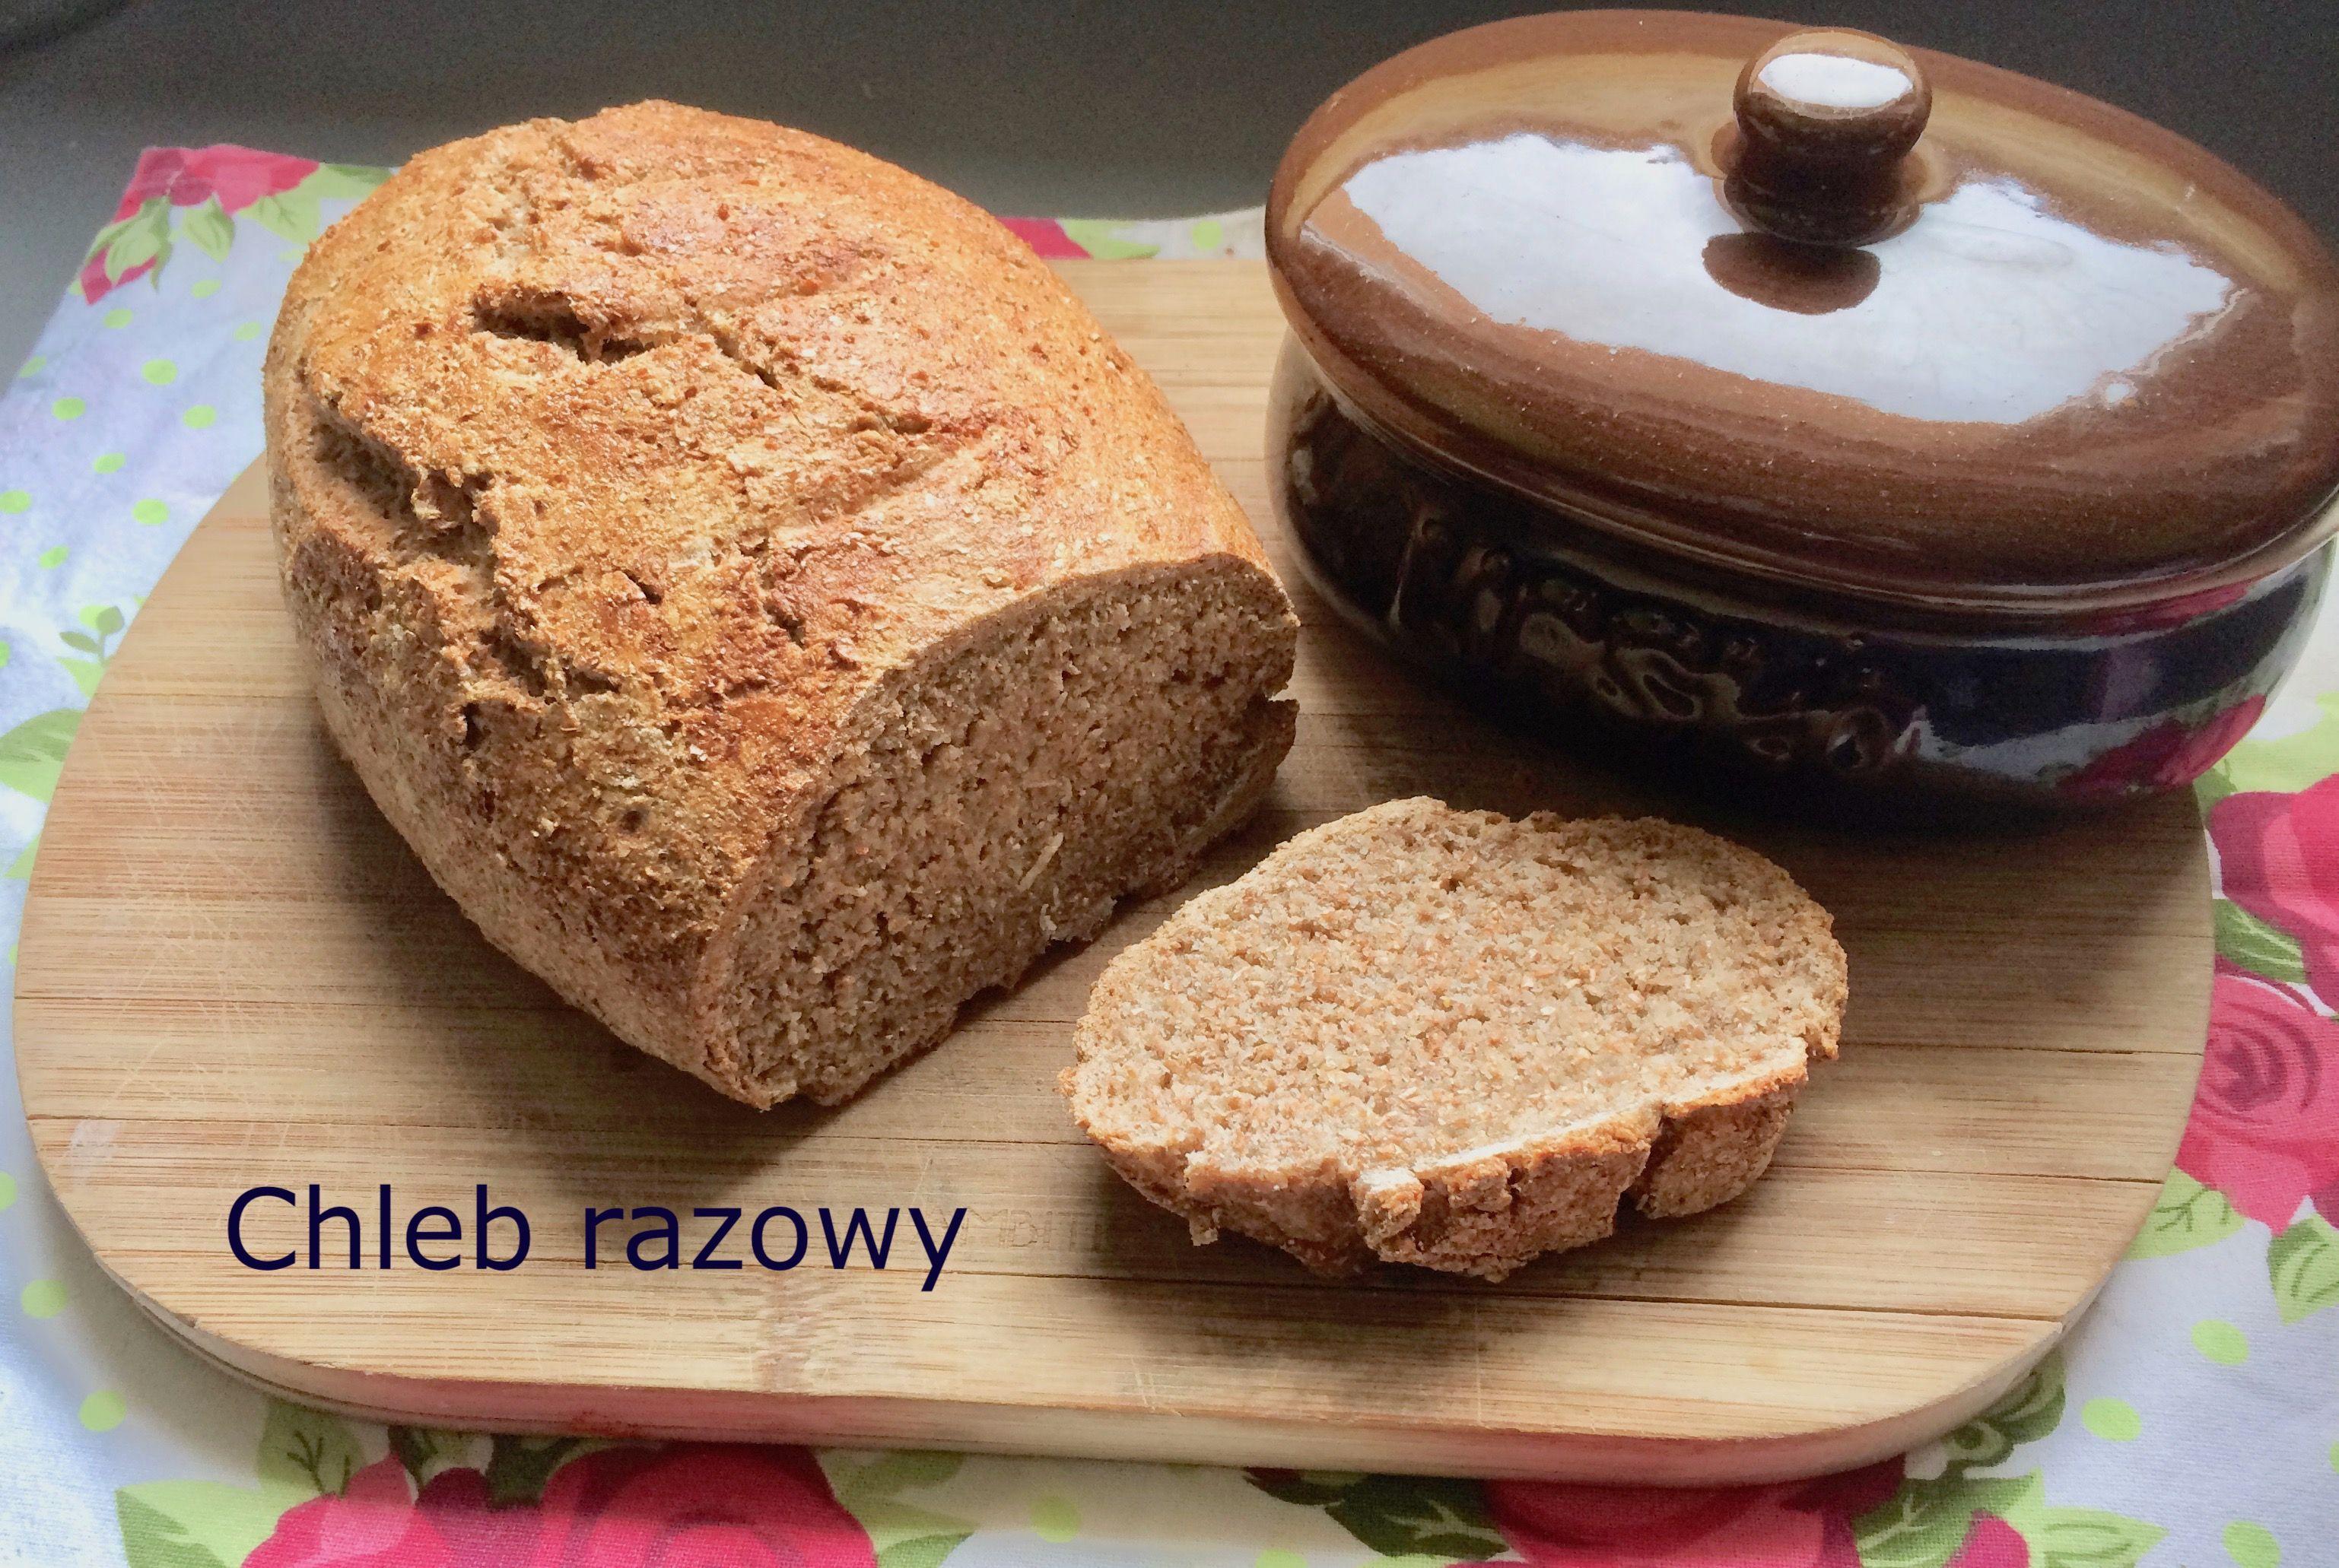 Pyszny Chleb Razowy Bez Zakwasu I Drozdzy Recipe Desserts Food Banana Bread